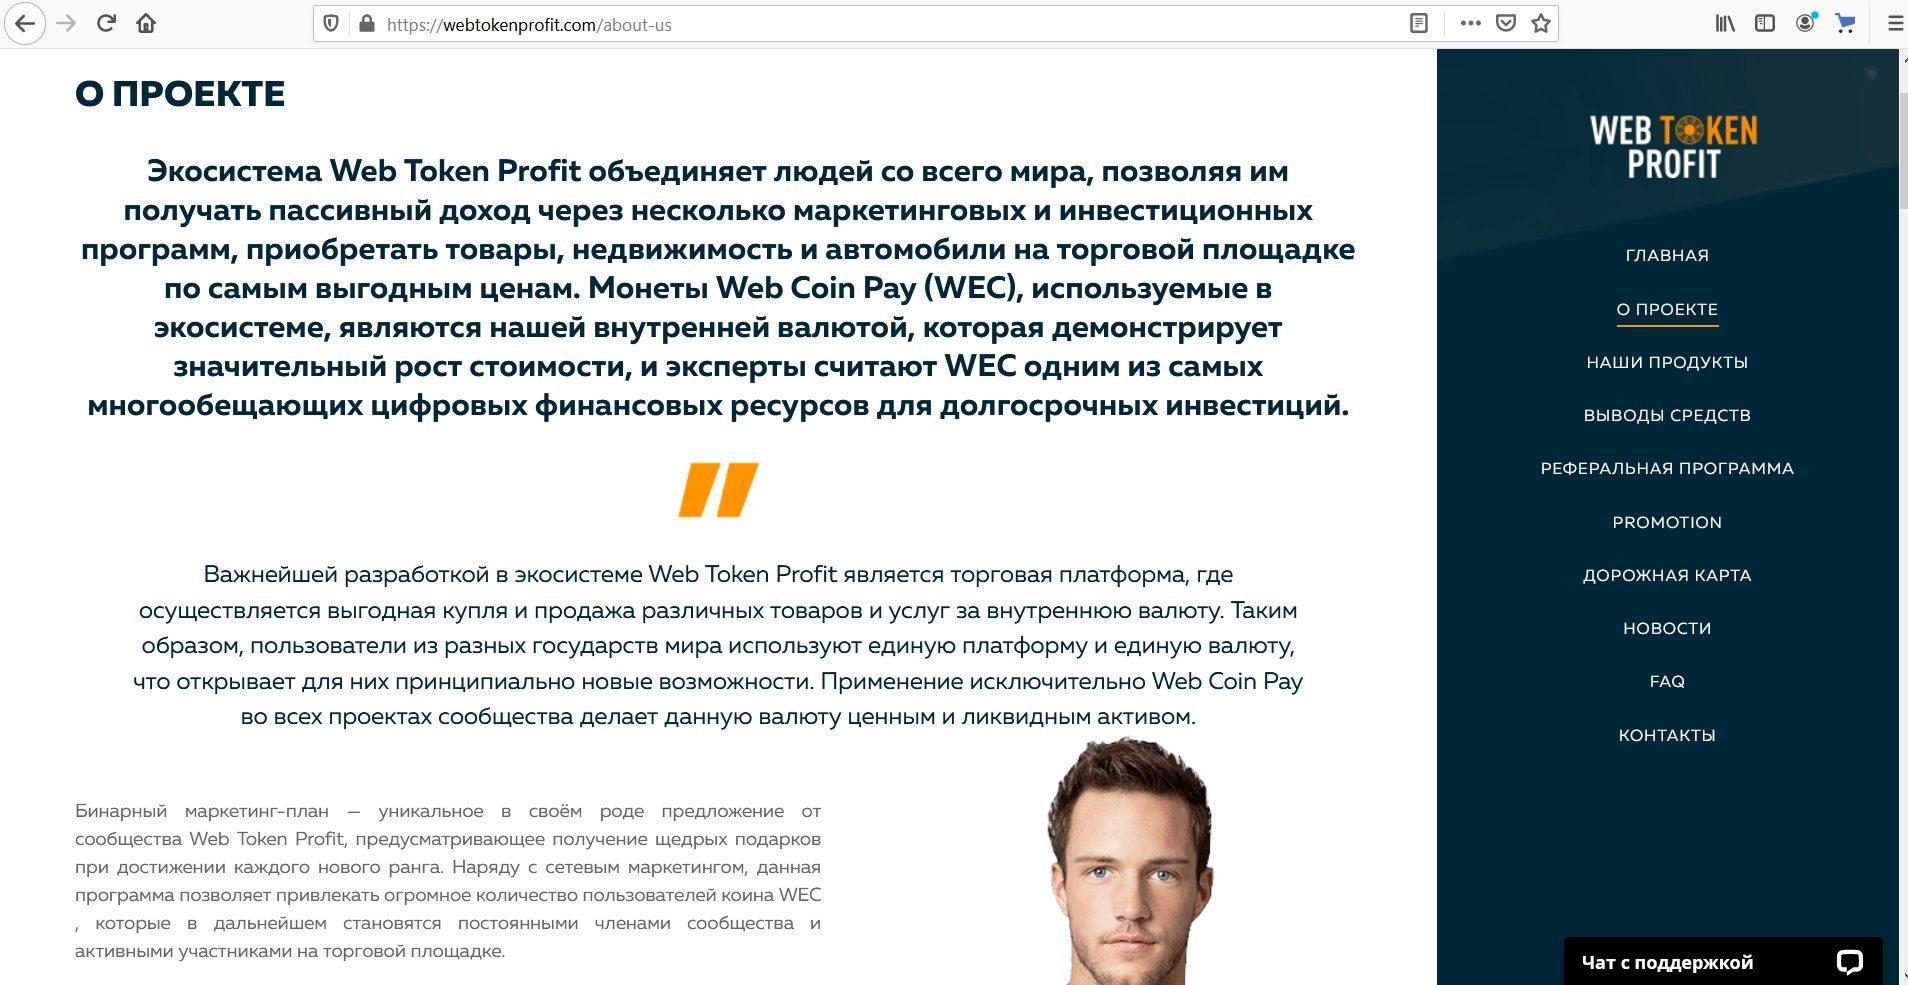 Раздел о Проекте